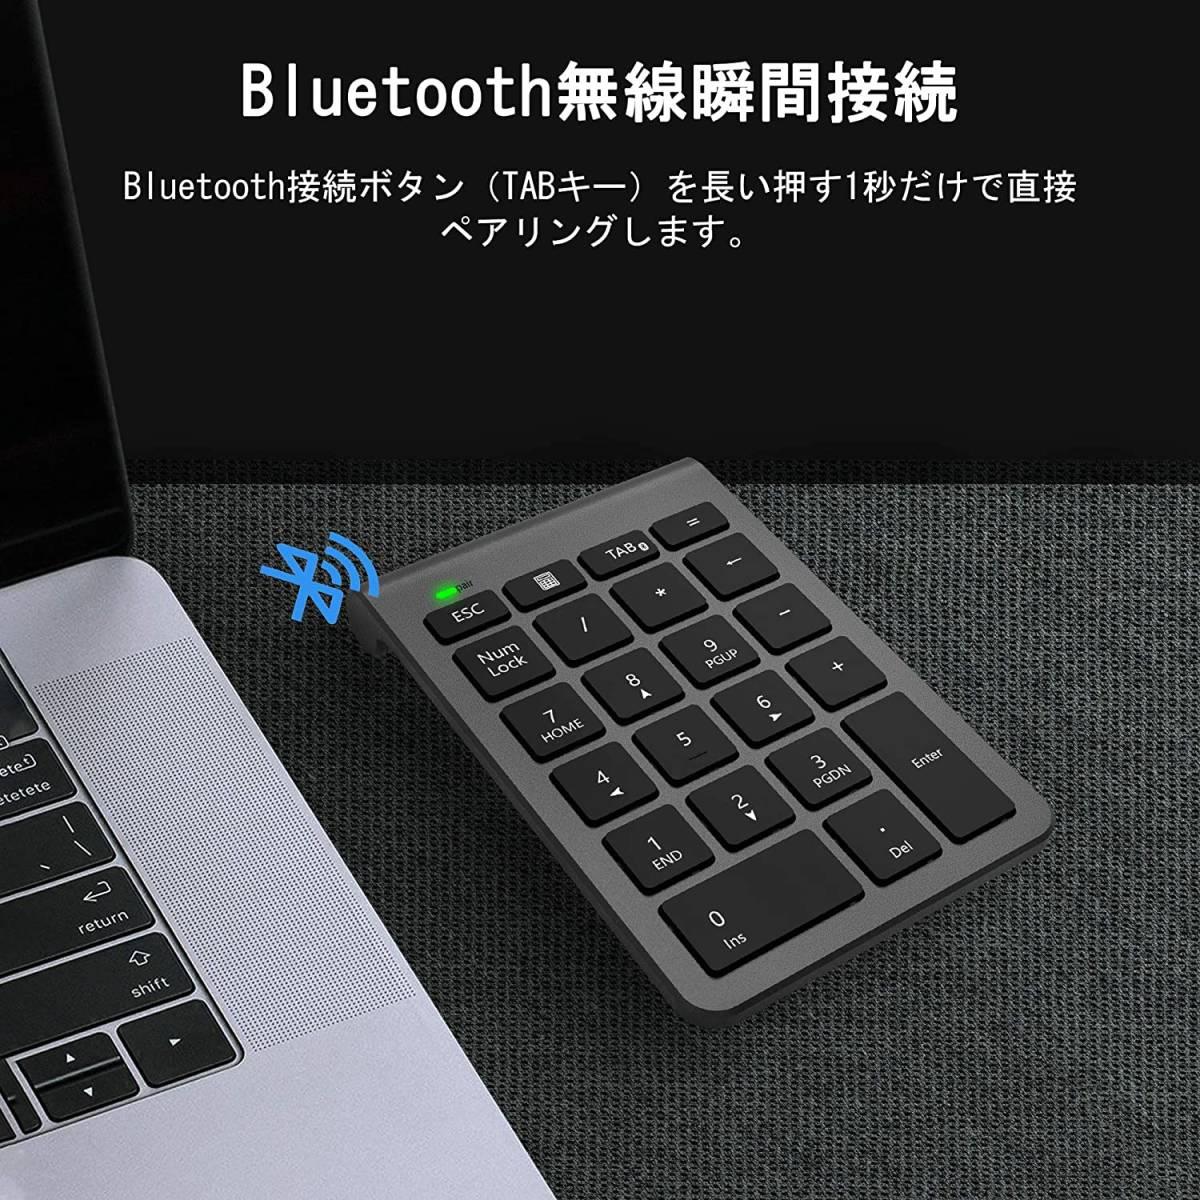 テンキーボード Bluetooth 3.0 テンキー アップグレード 22キーブルートゥース 数字キーボード ワイヤレス Tabキー付き 高耐久 極薄型